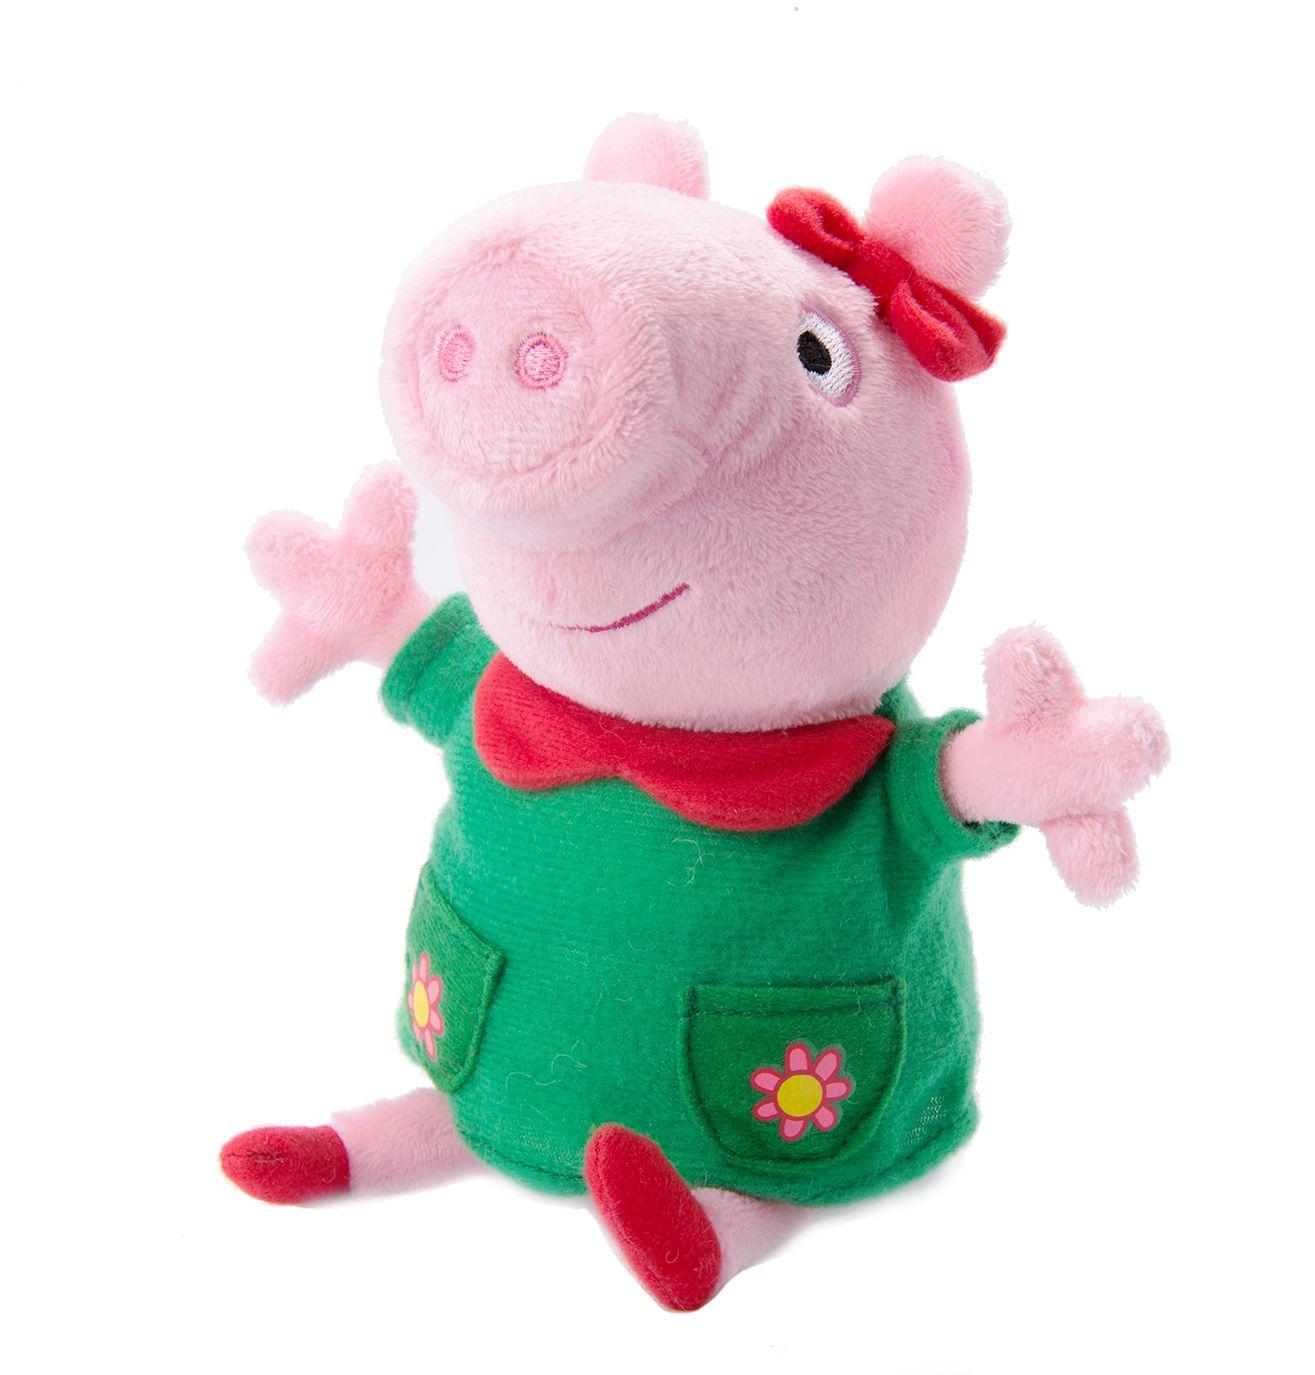 Мягкая игрушка Peppa Pig: Пеппа модница со звуком (20 см)Девочки обожают наряжаться, а также менять наряды на своих любимых игрушках, поэтому очаровательная Пеппа-модница восхитит любую малышку! Свинка Пеппа говорит смешные и обучающие фразы, рассказывает стихи о моде и красоте, дает полезные советы и поет песенку «Радуга» из мультфильма.<br>